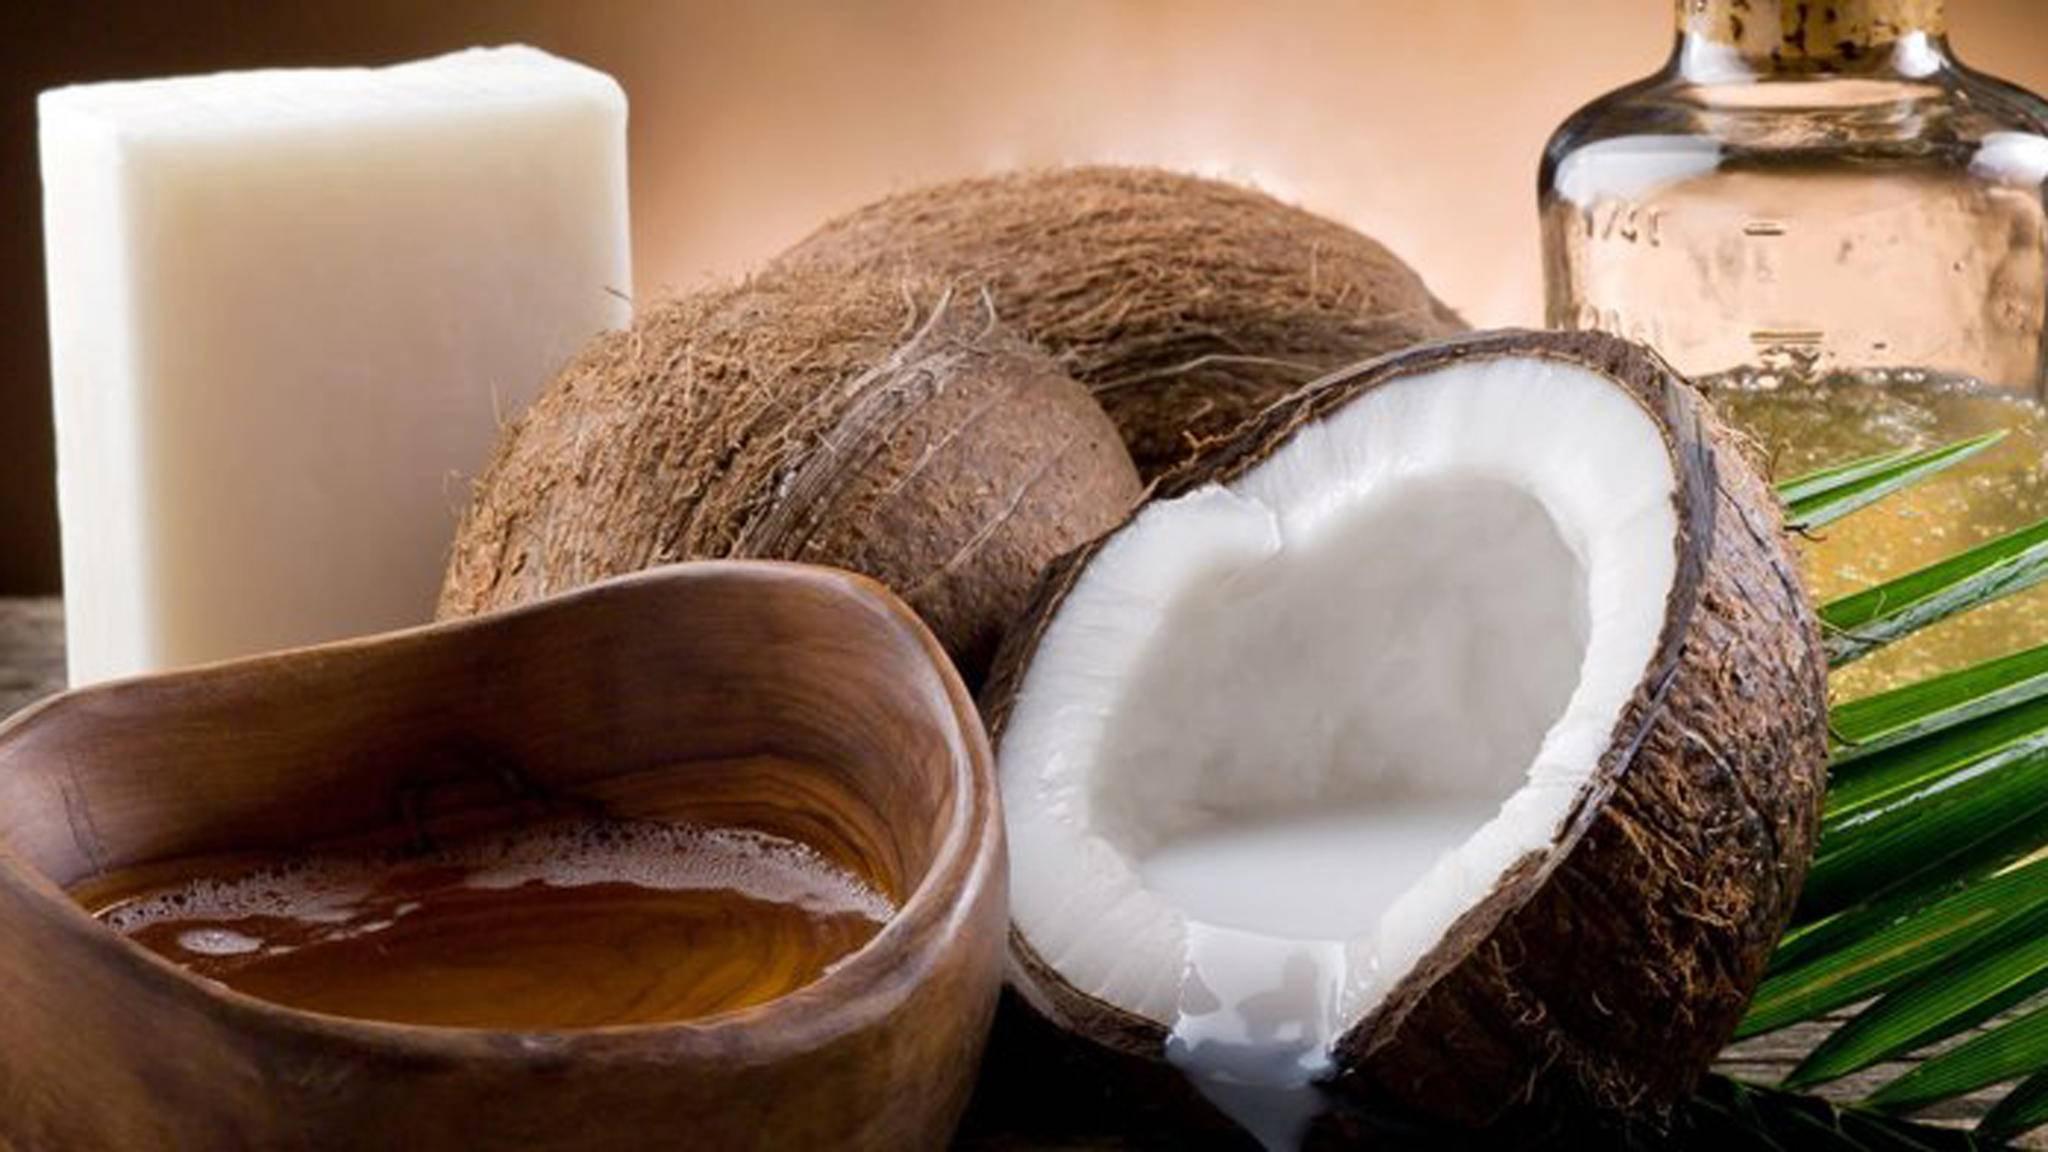 Reife Kokosnüsse bestehen etwa zu 35 Prozent aus Fett – das prima zum Backen verwendet werden kann.